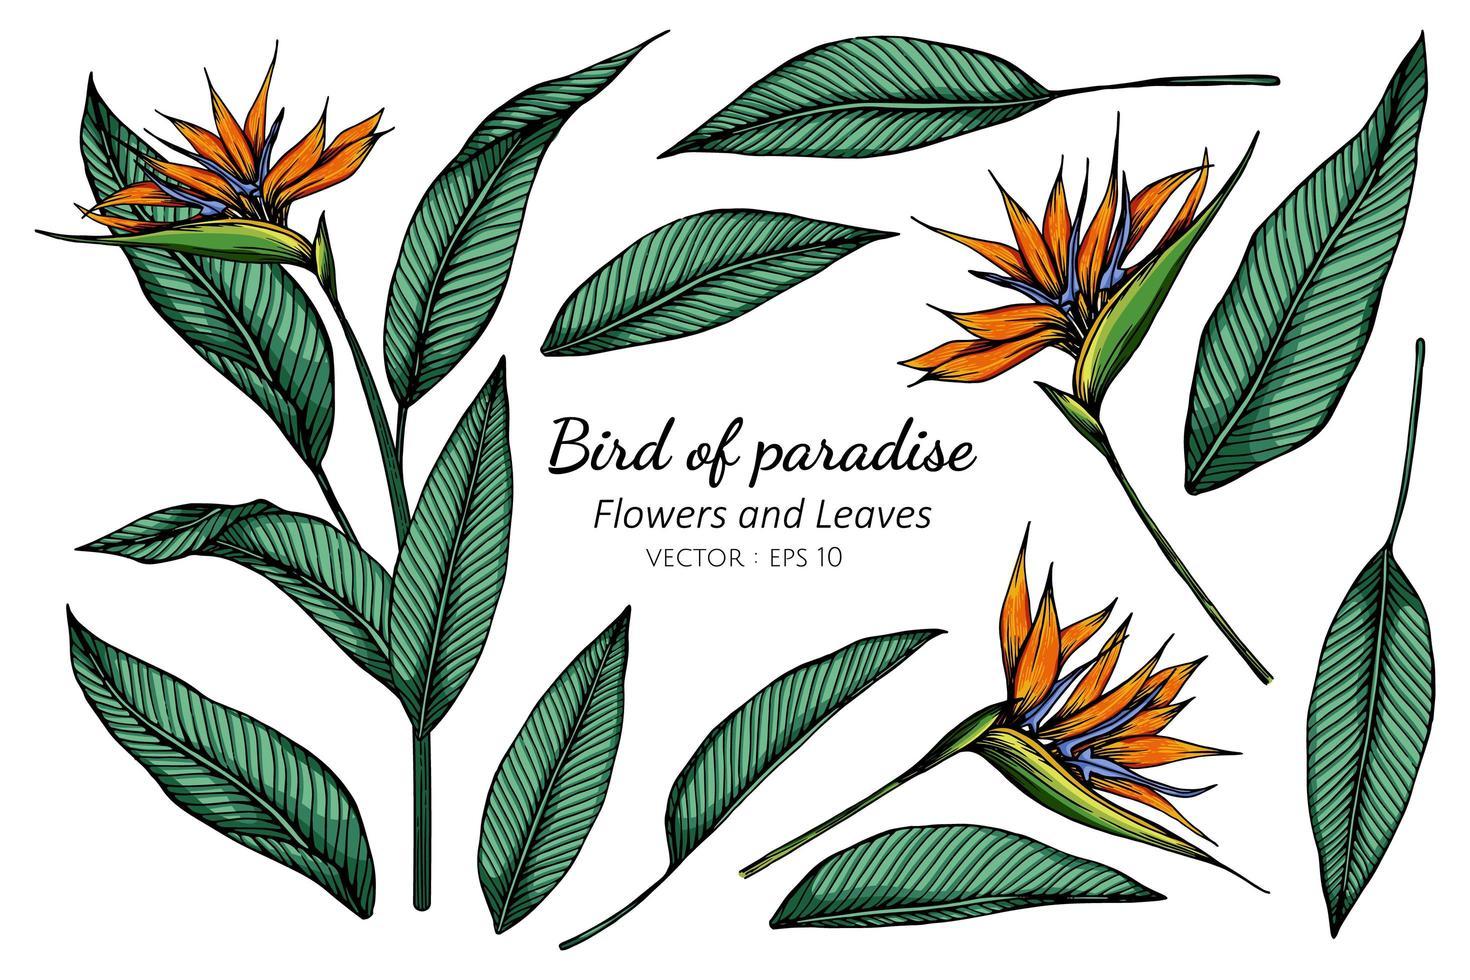 conjunto de dibujo de flor de ave del paraíso vector